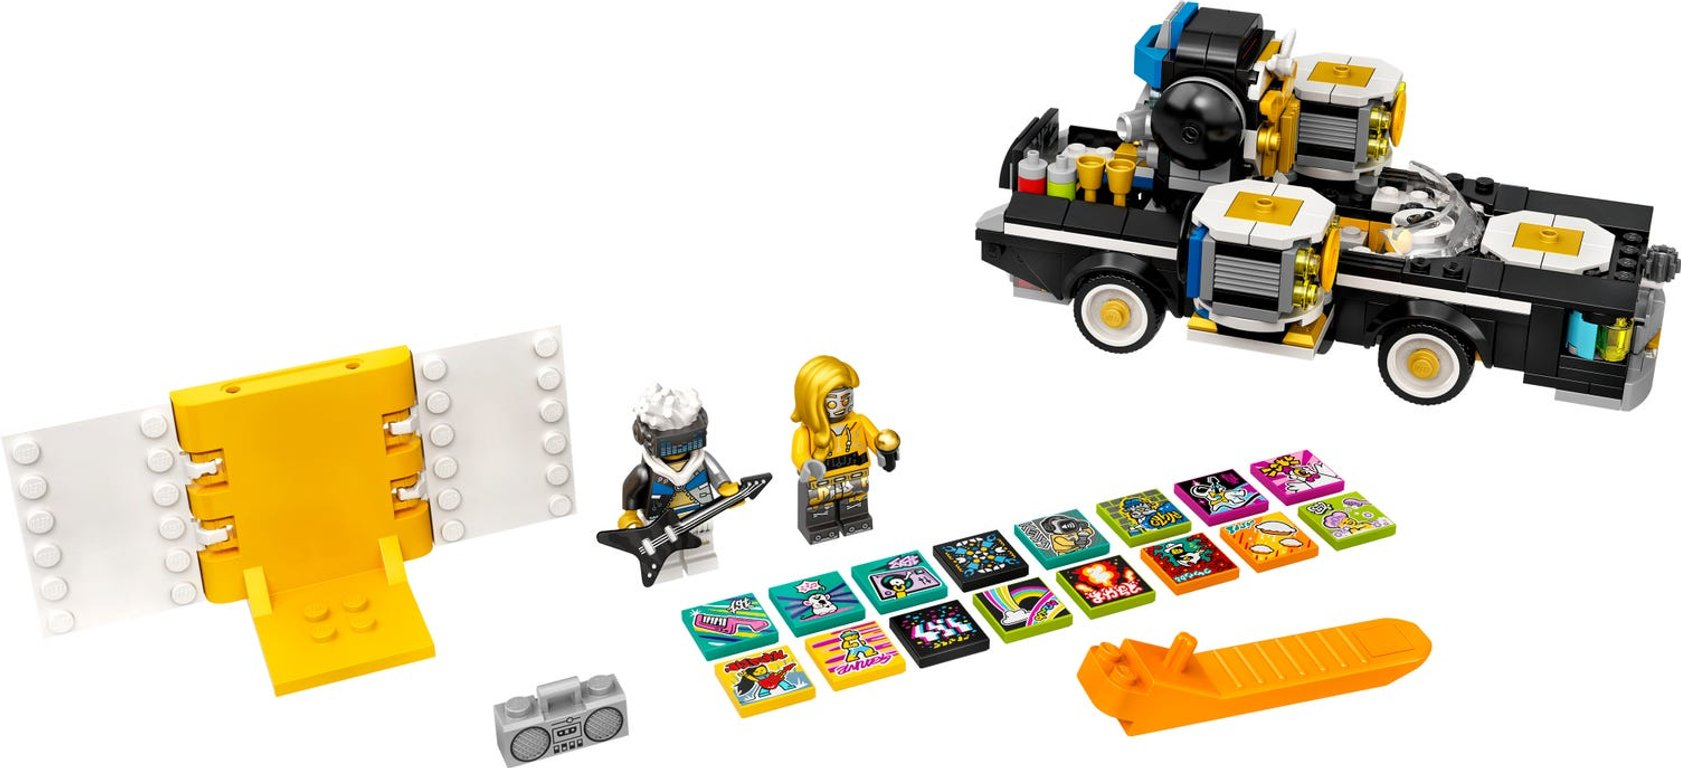 LEGO® VIDIYO™ Robo HipHop Car components